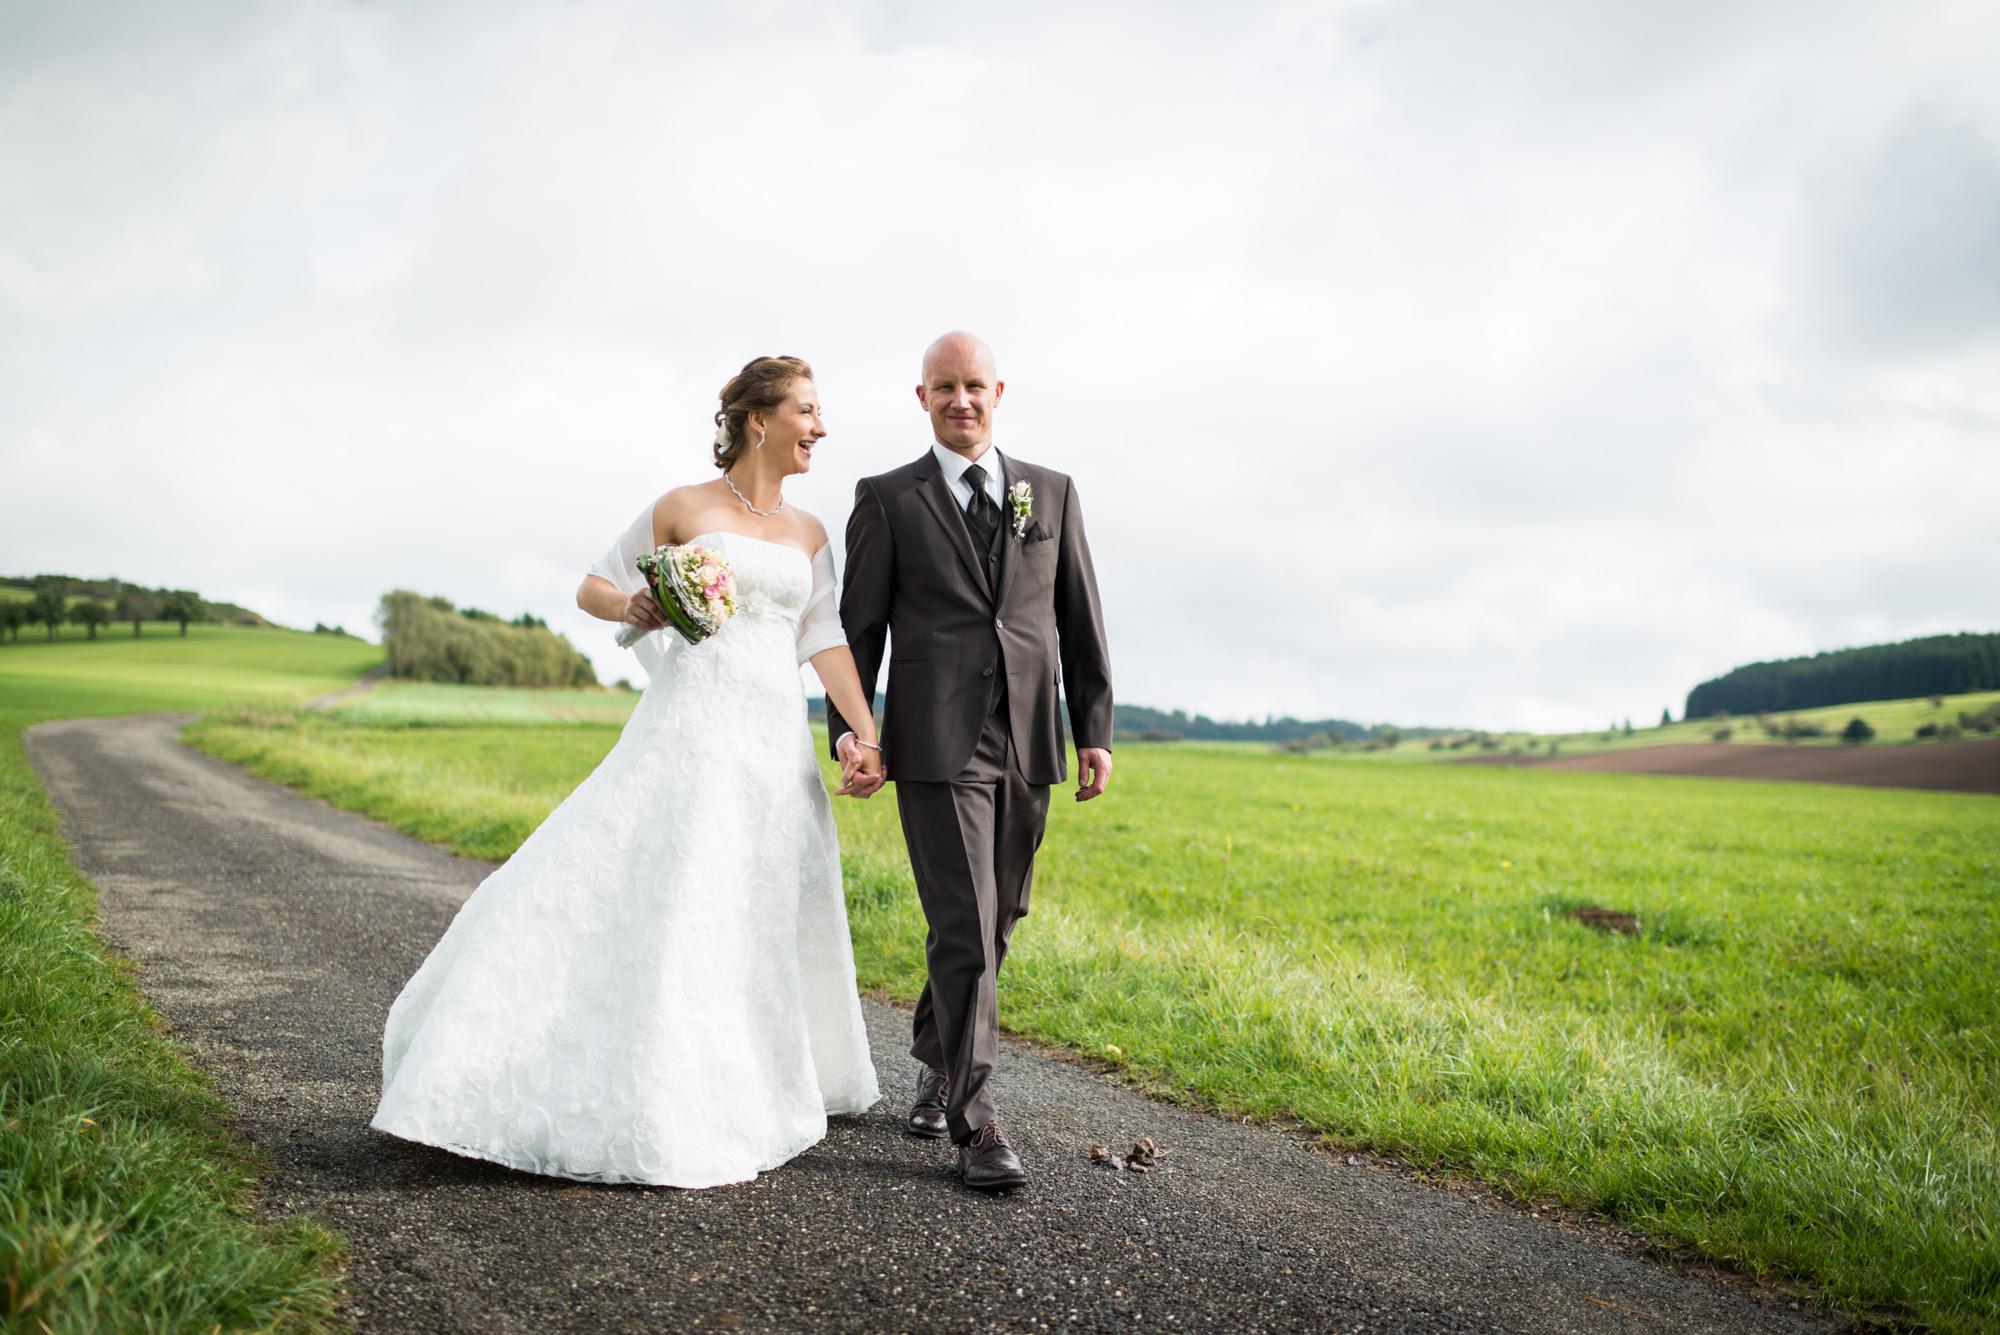 Fotograf Konstanz - Als Hochzeitsfotograf in Bad Dürrheim unterwegs  - 23 -